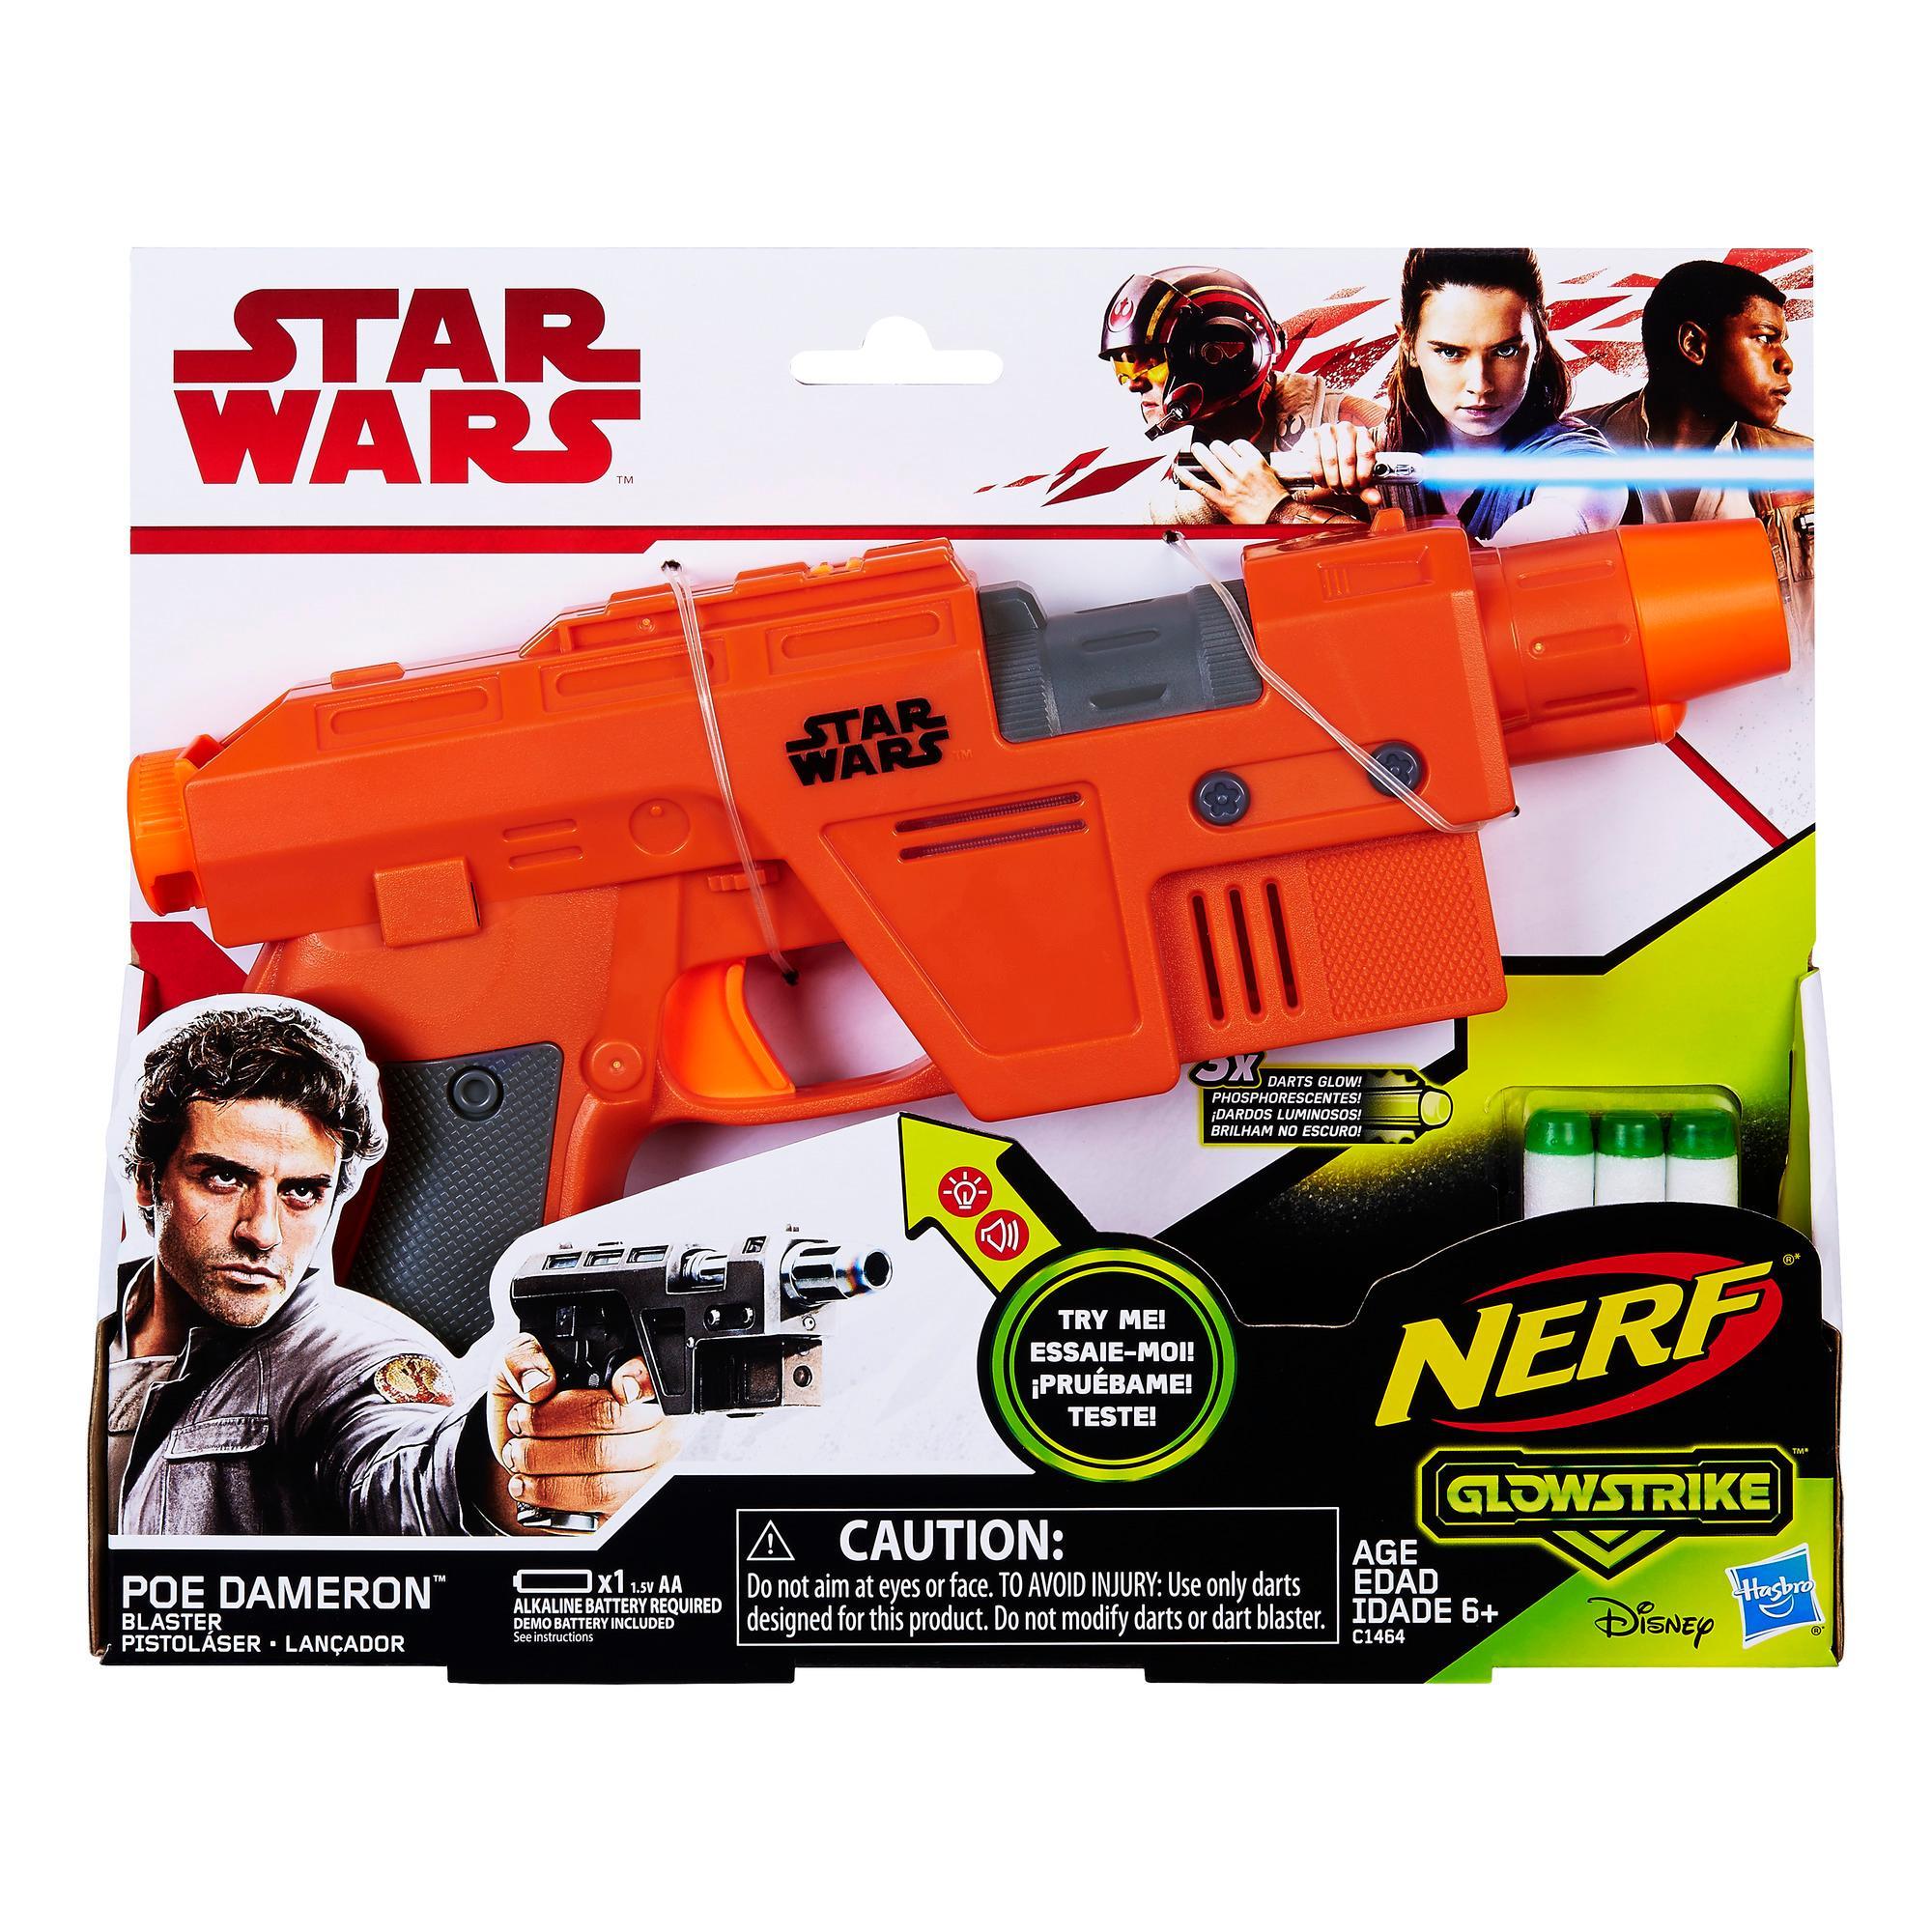 Star Wars Nerf - Lançador de Poe Dameron